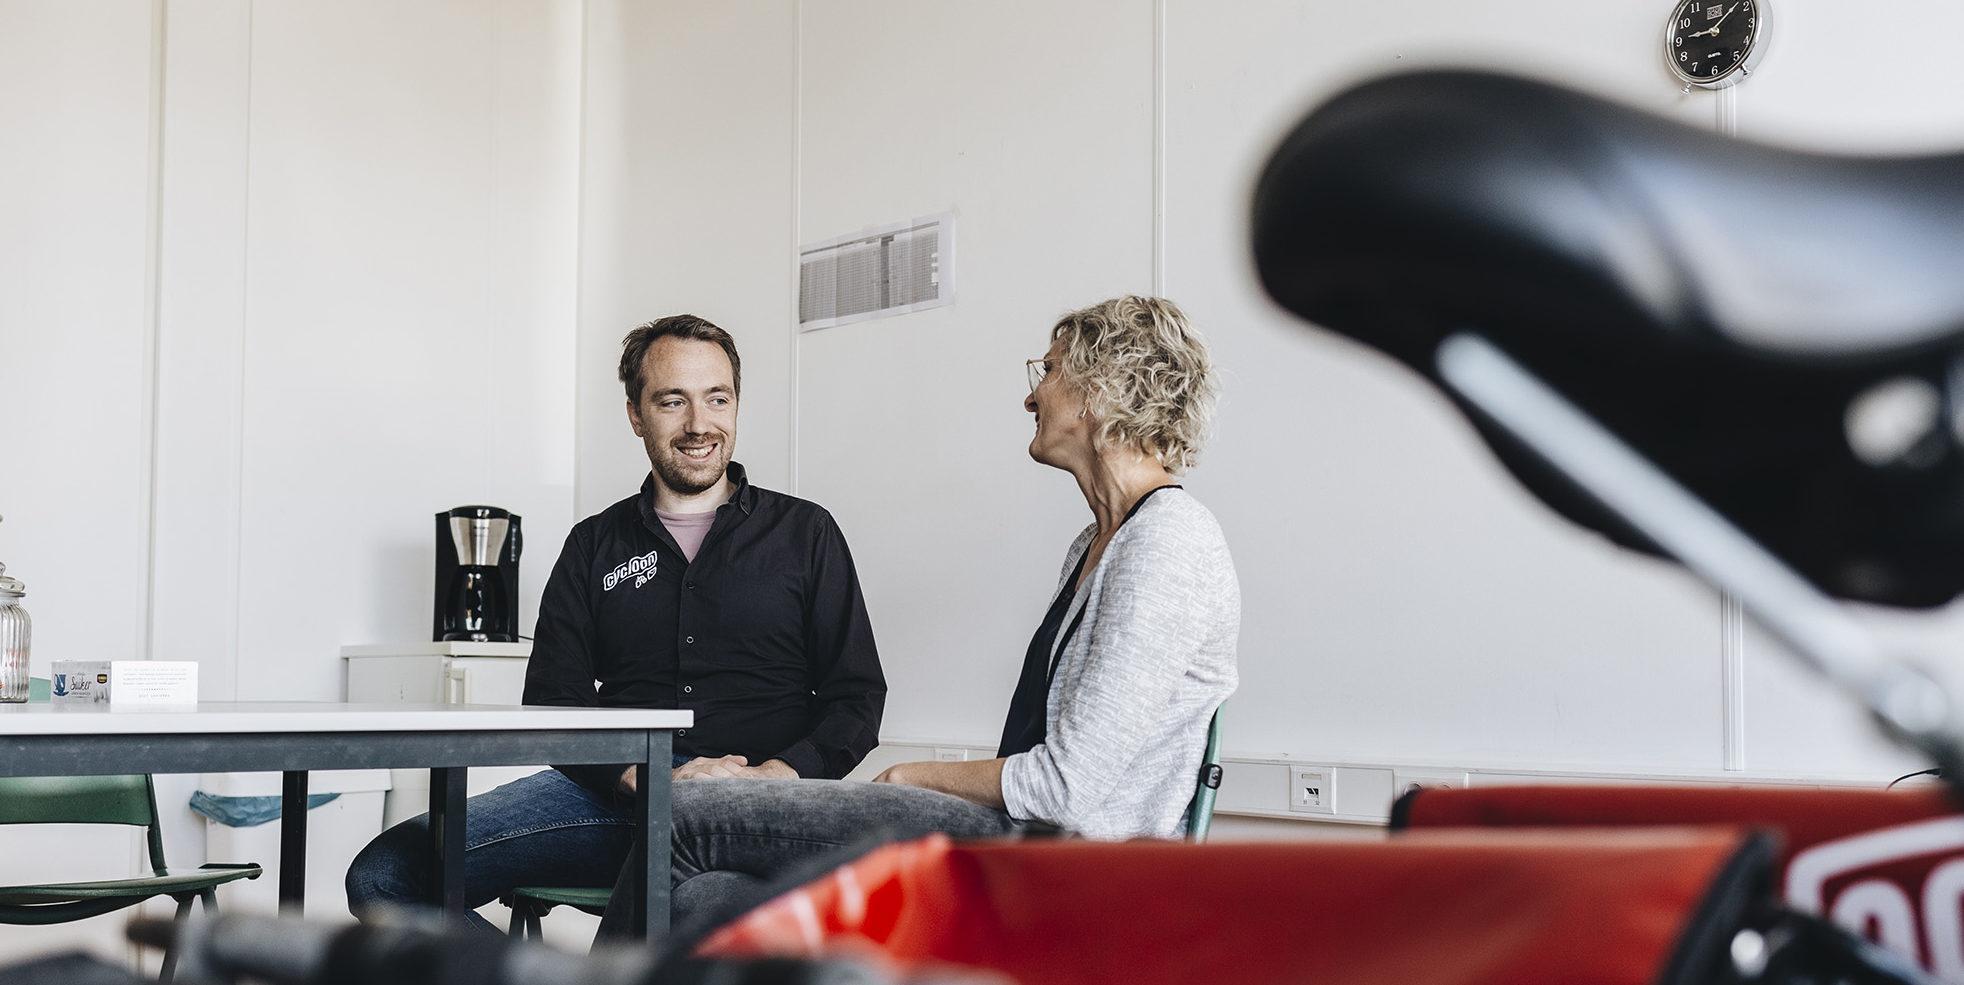 Chantal van Leeuwen en Pieter Harkink in gesprek